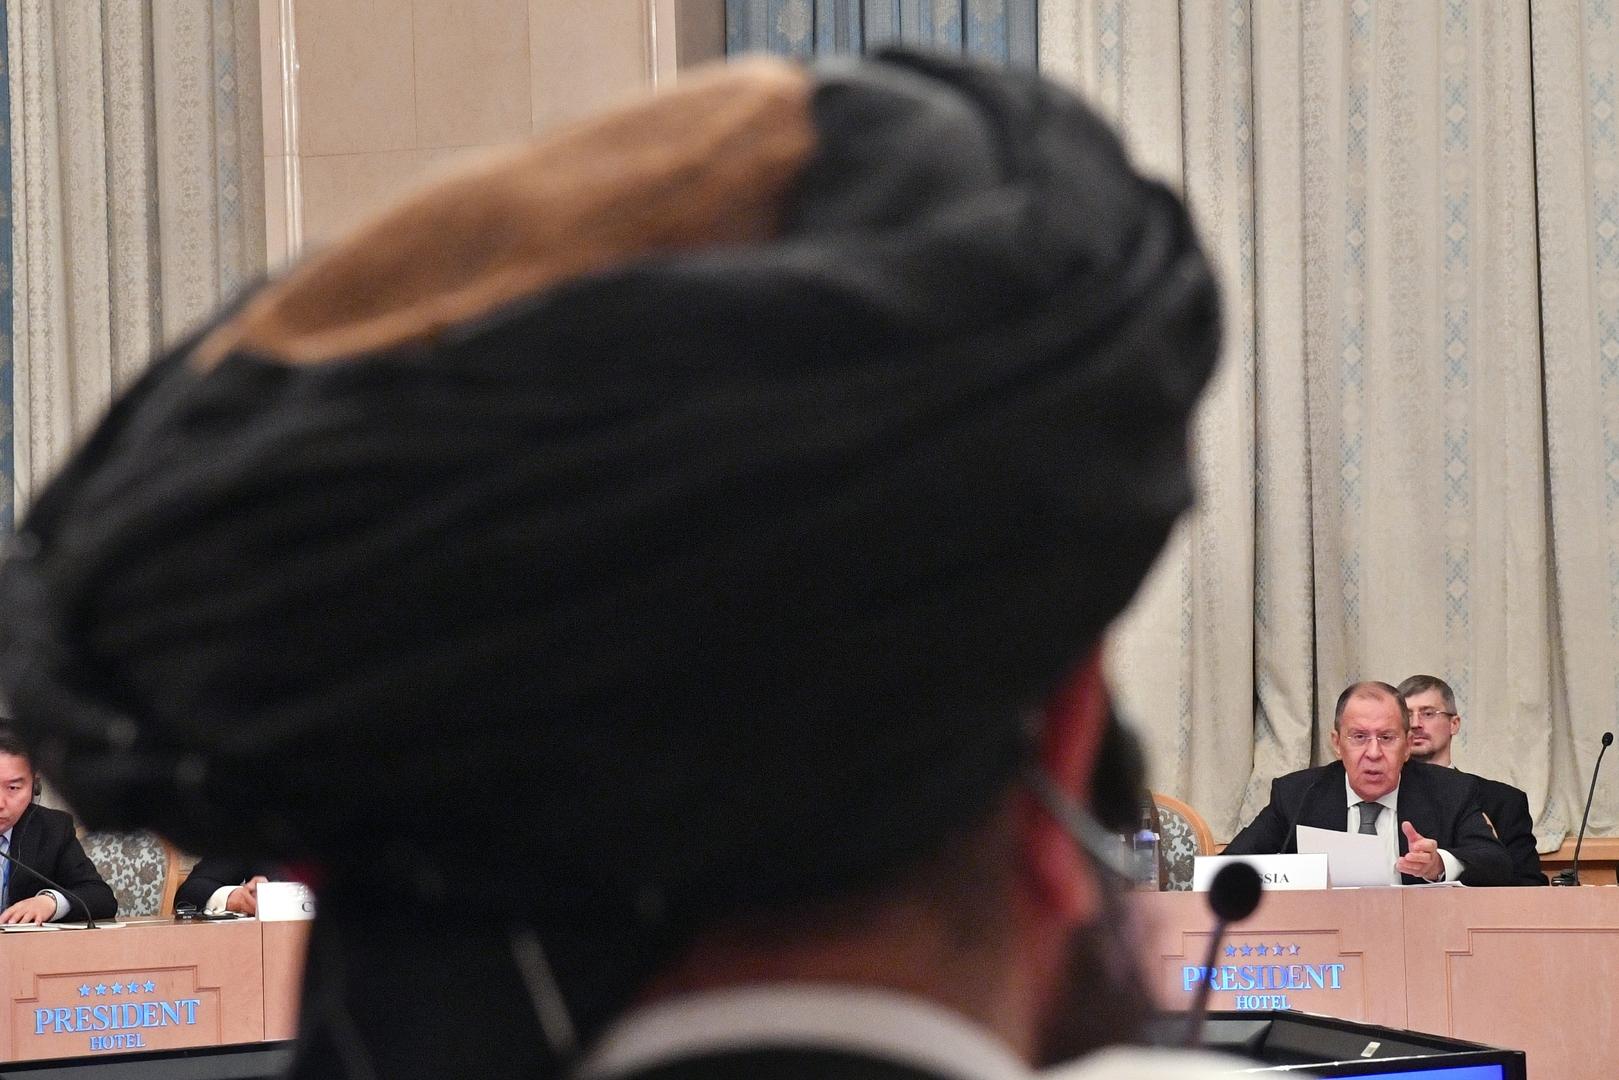 لافروف: الوضع في أفغانستان ليس مستقرا لكن لا بديل لتوزان القوى الحالي في المستقبل المنظور